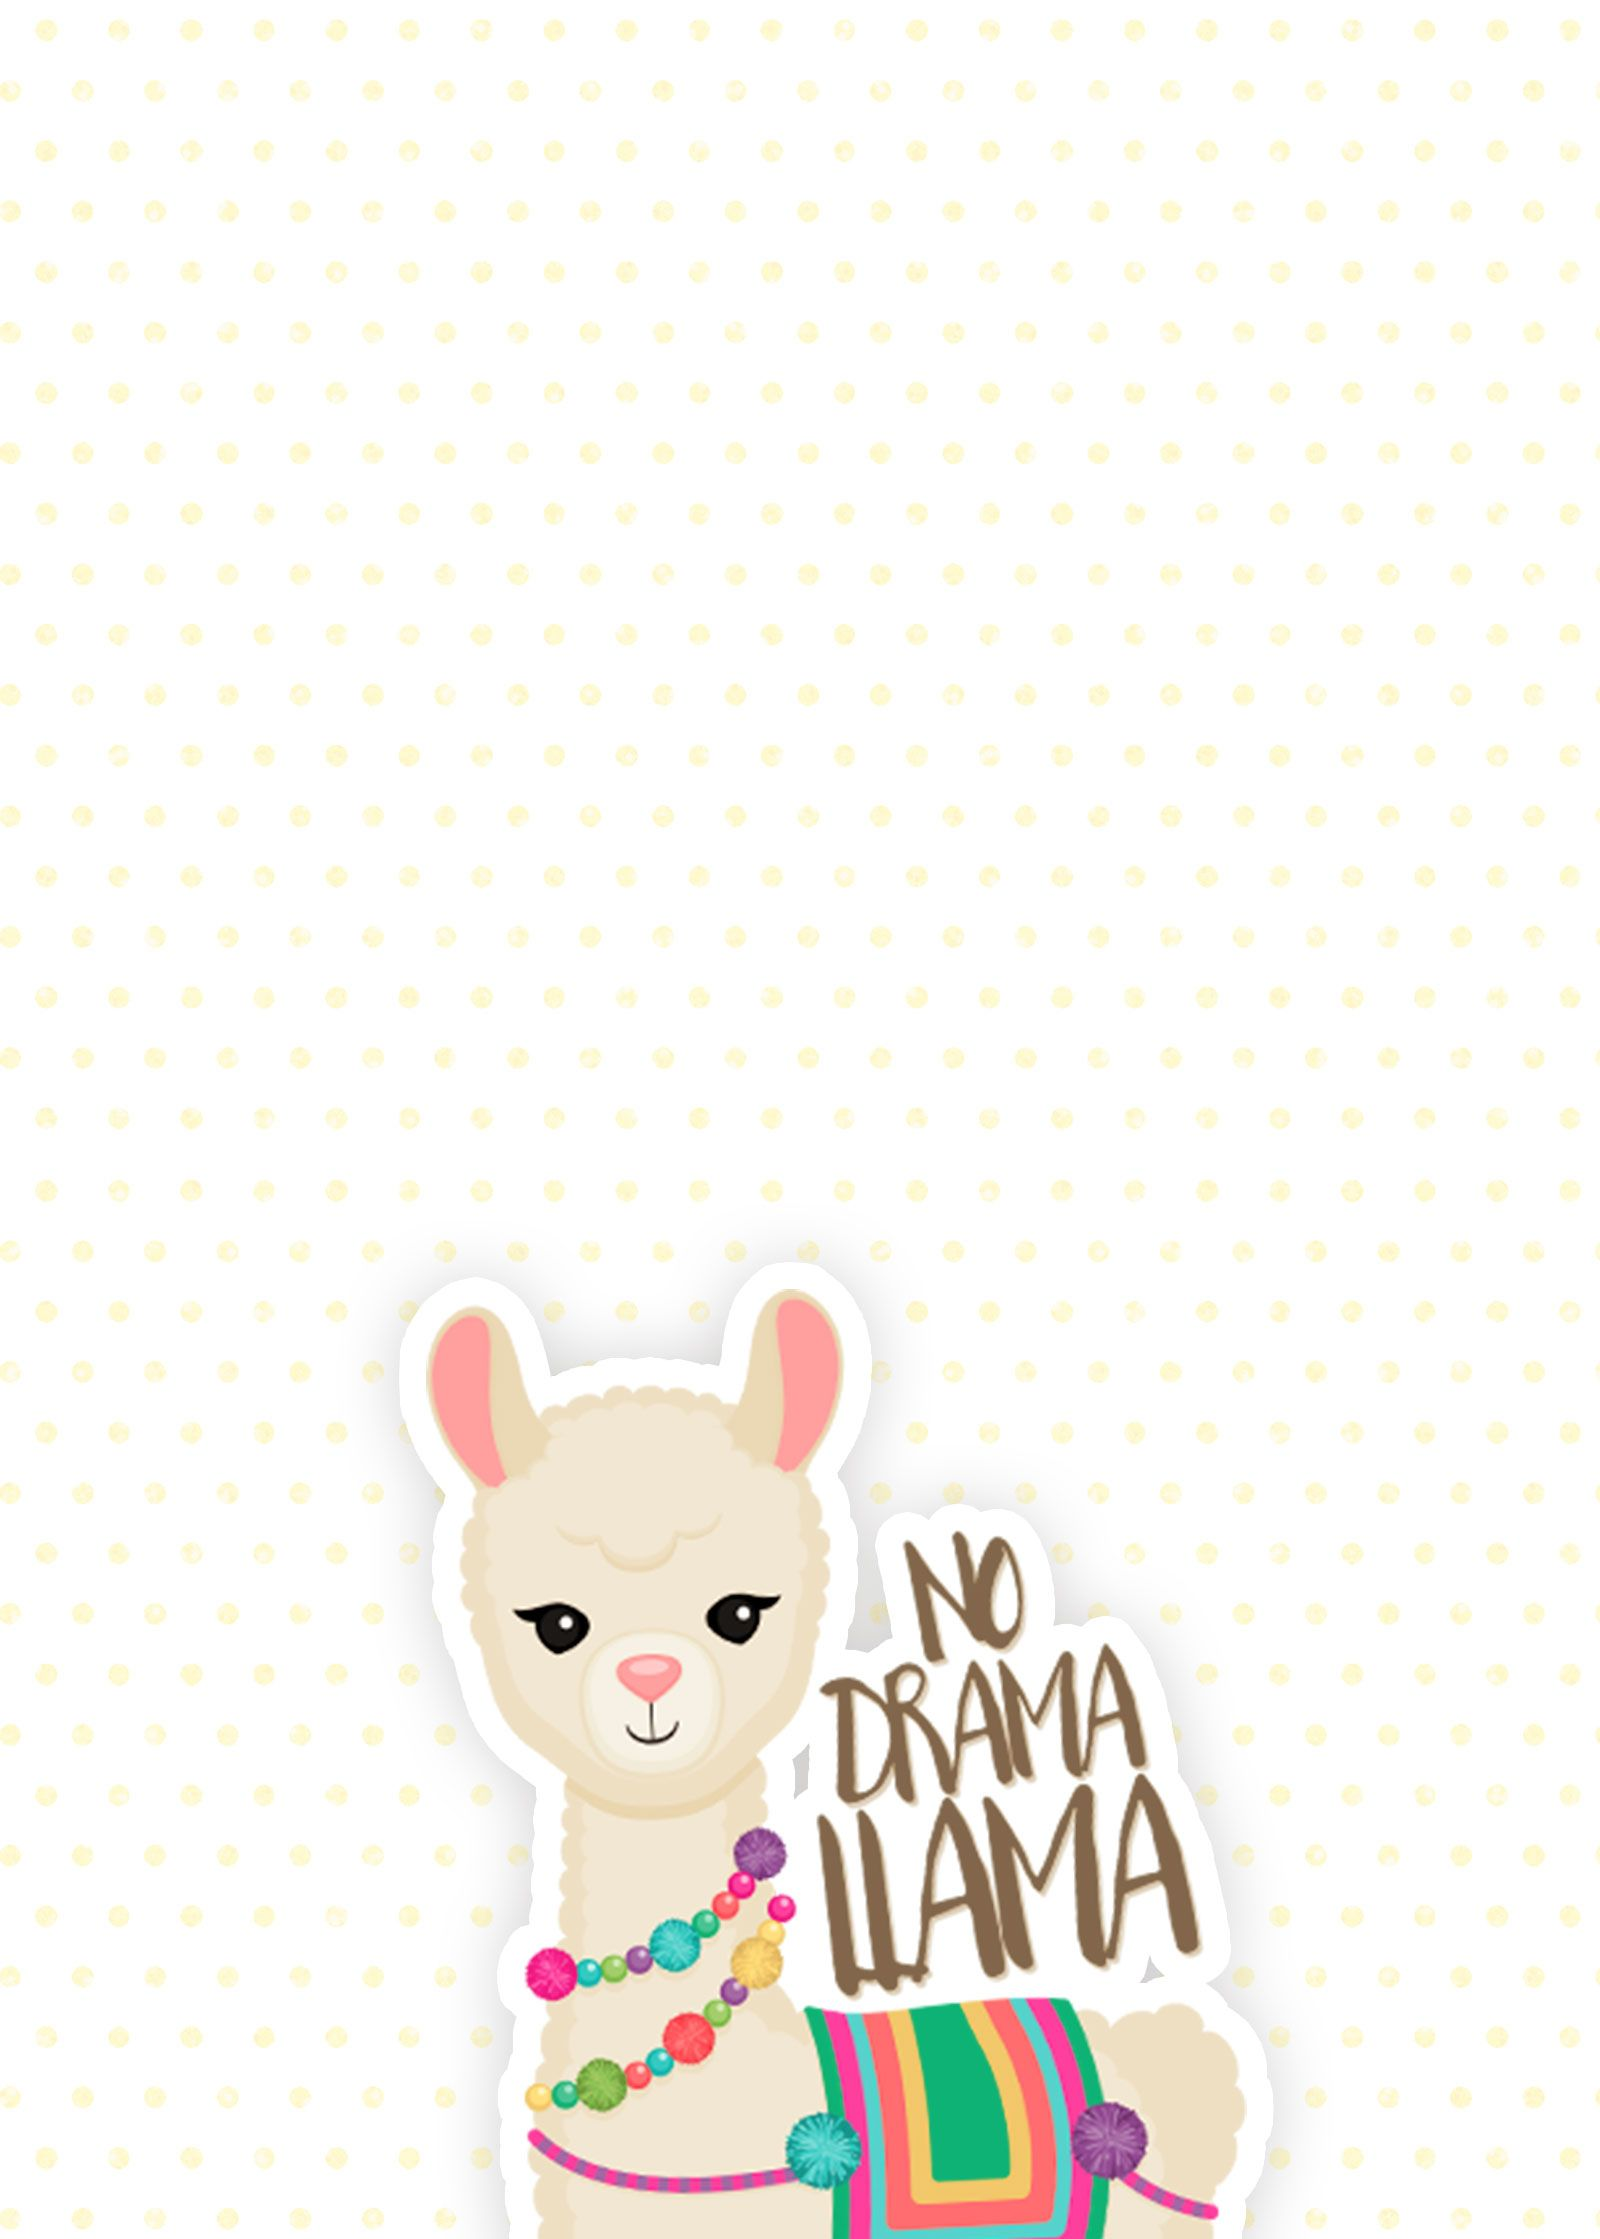 For The Love Of Llamas 10 Cutesy Llama Iphone Wallpapers Iphone